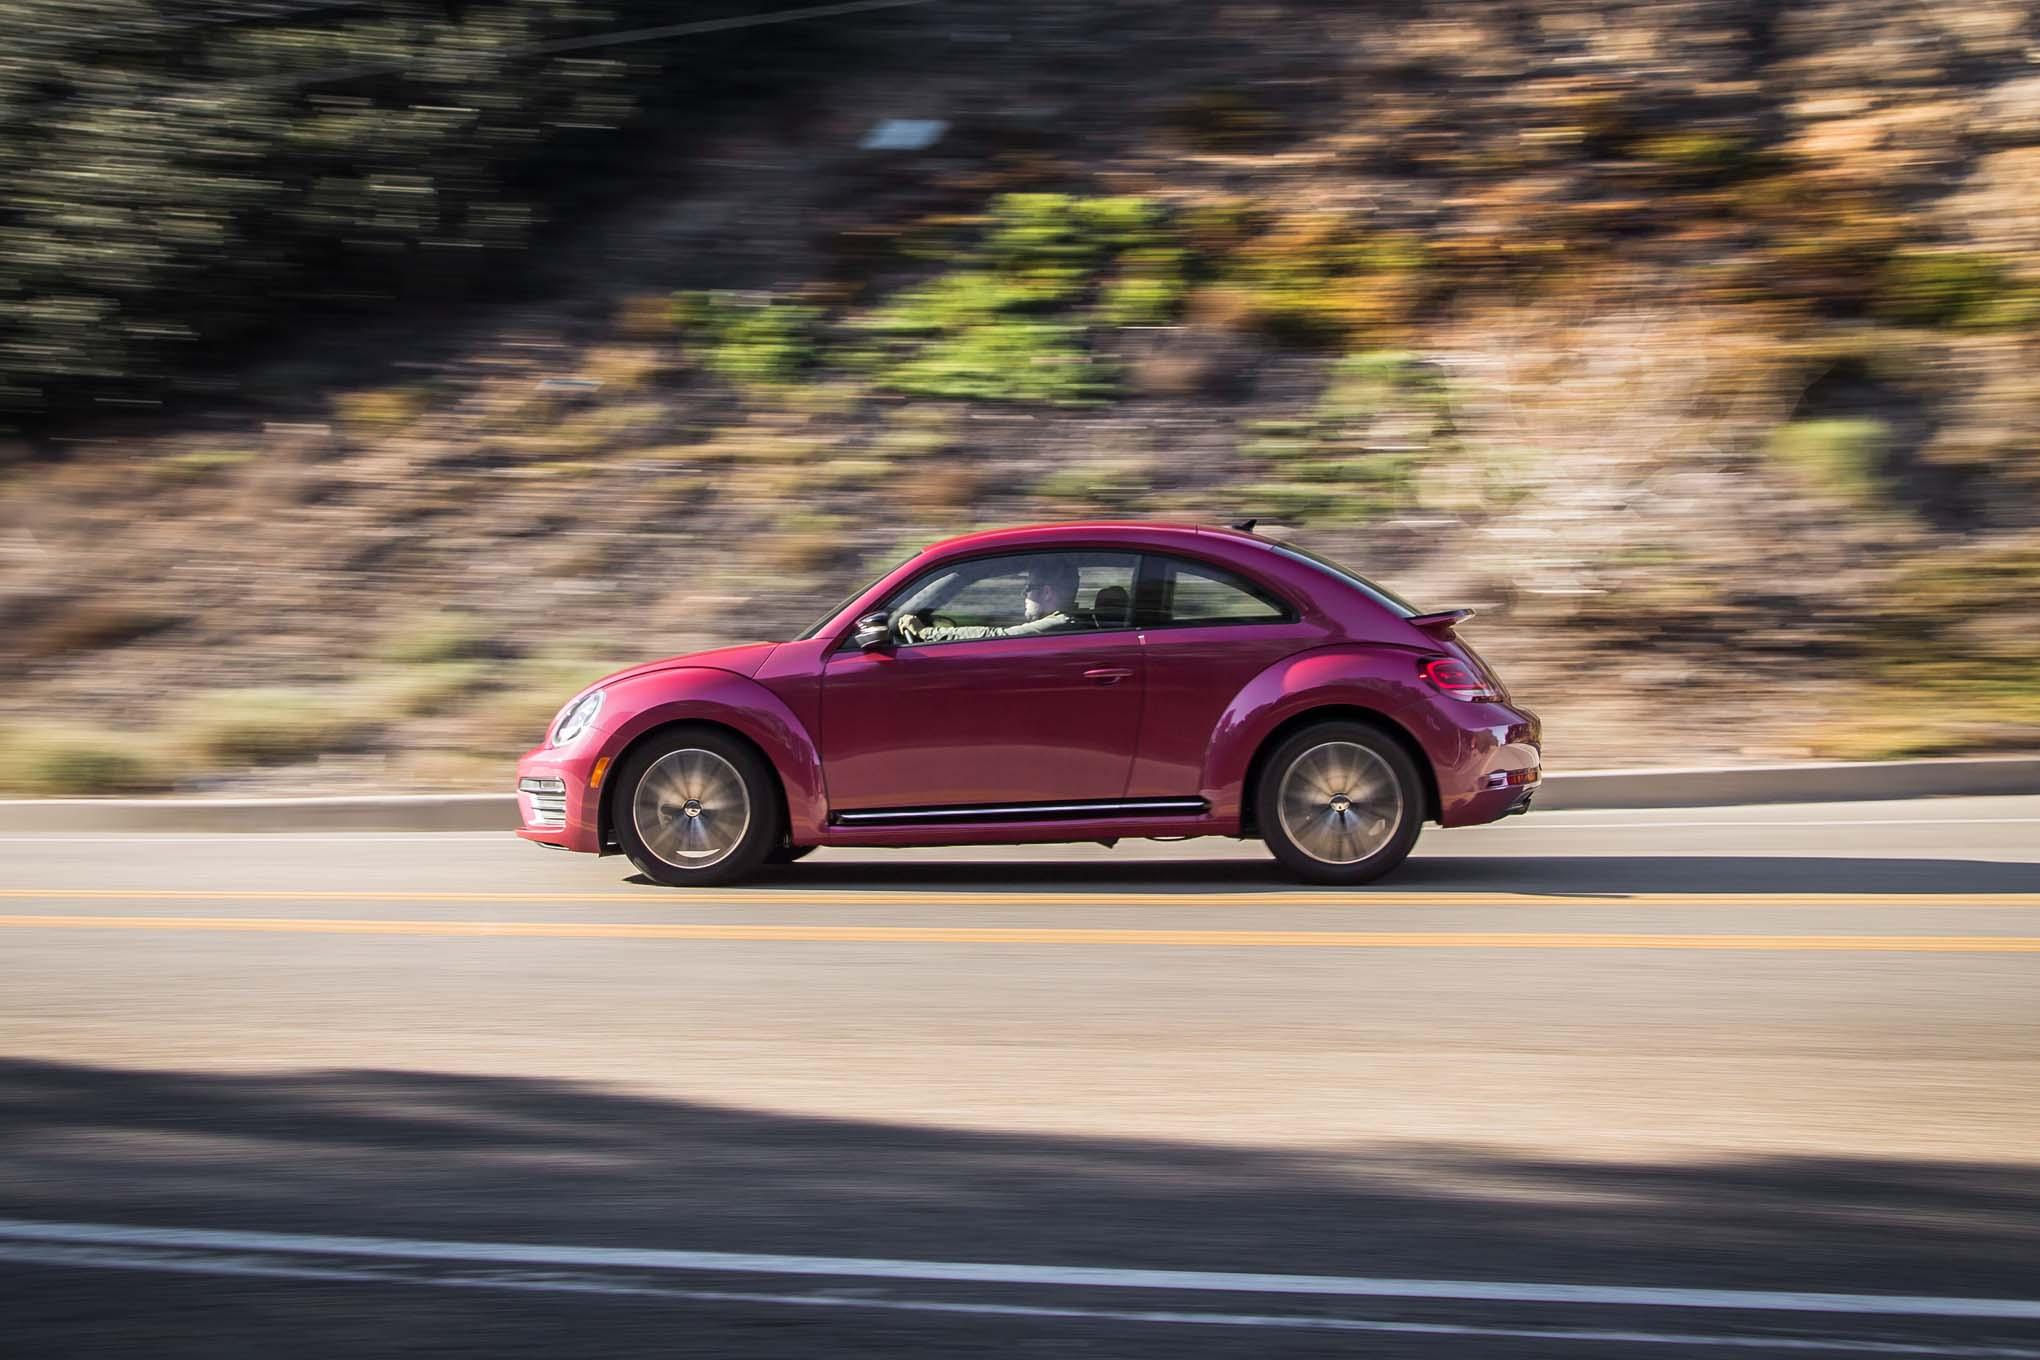 2017 Volkswagen PinkBeetle side in motion